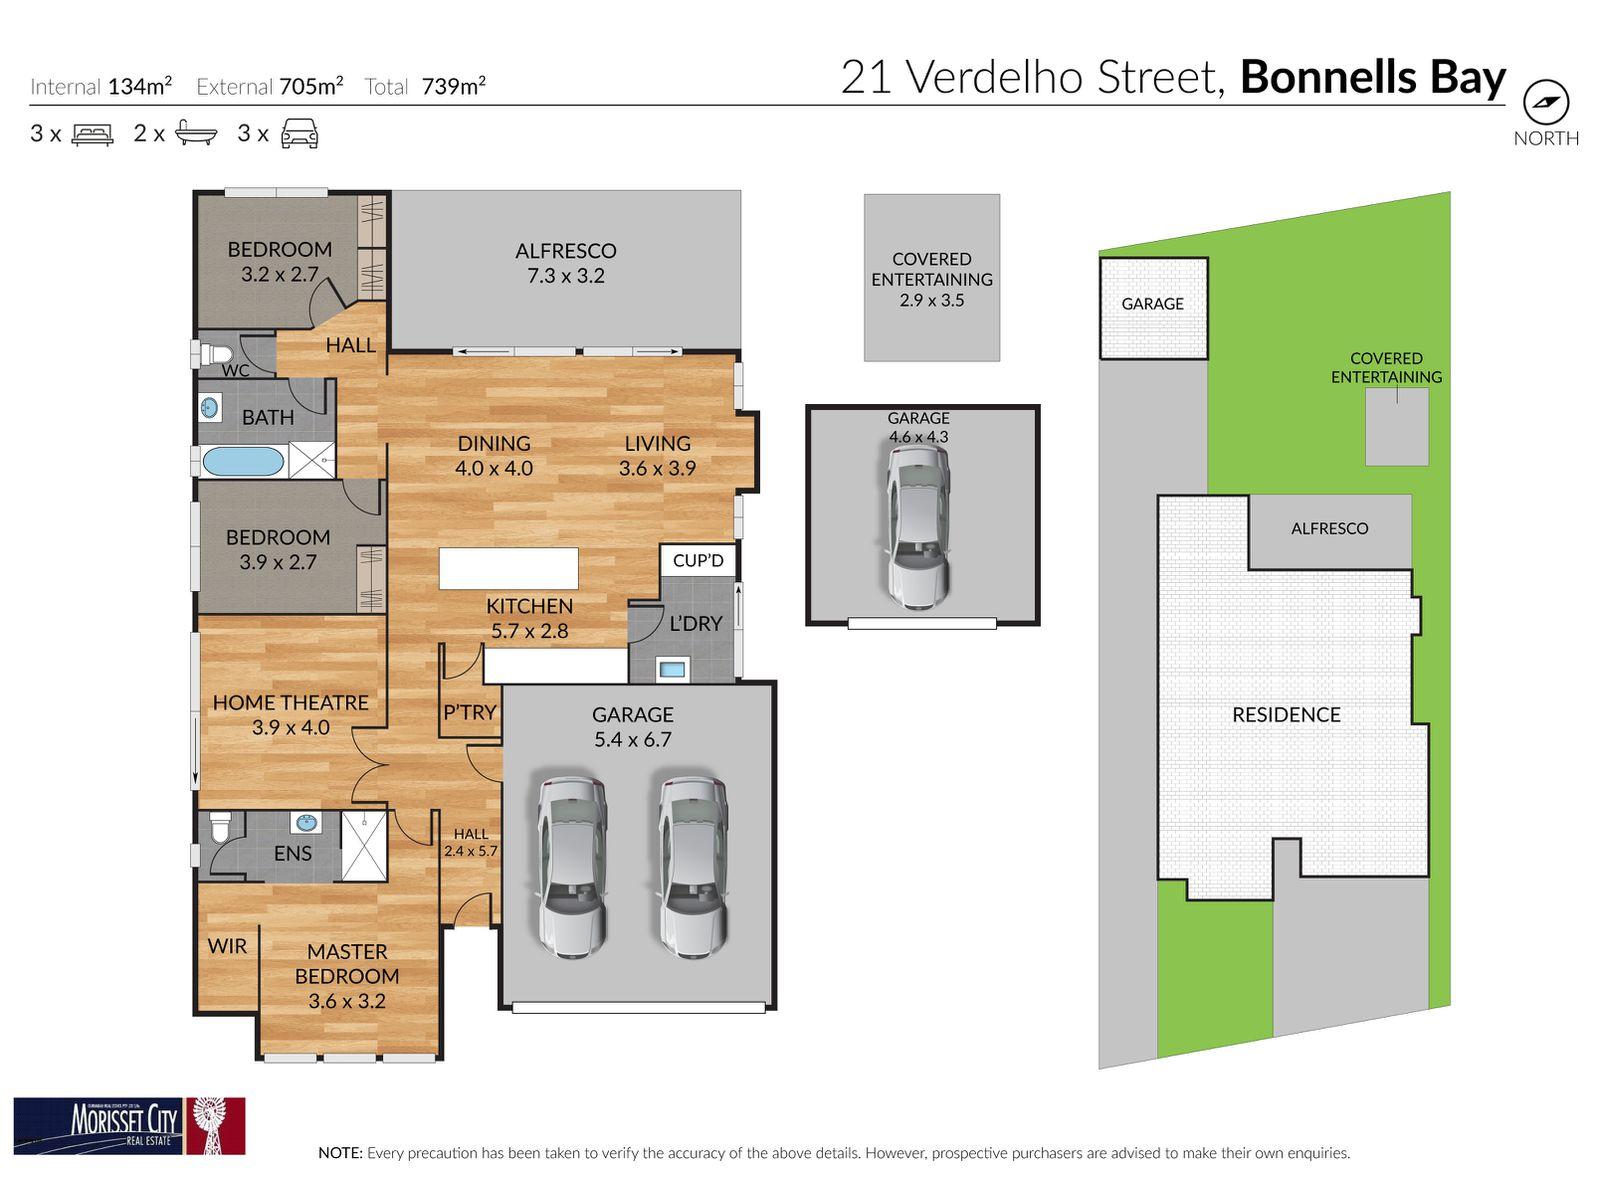 21 Verdelho Street, Bonnells Bay